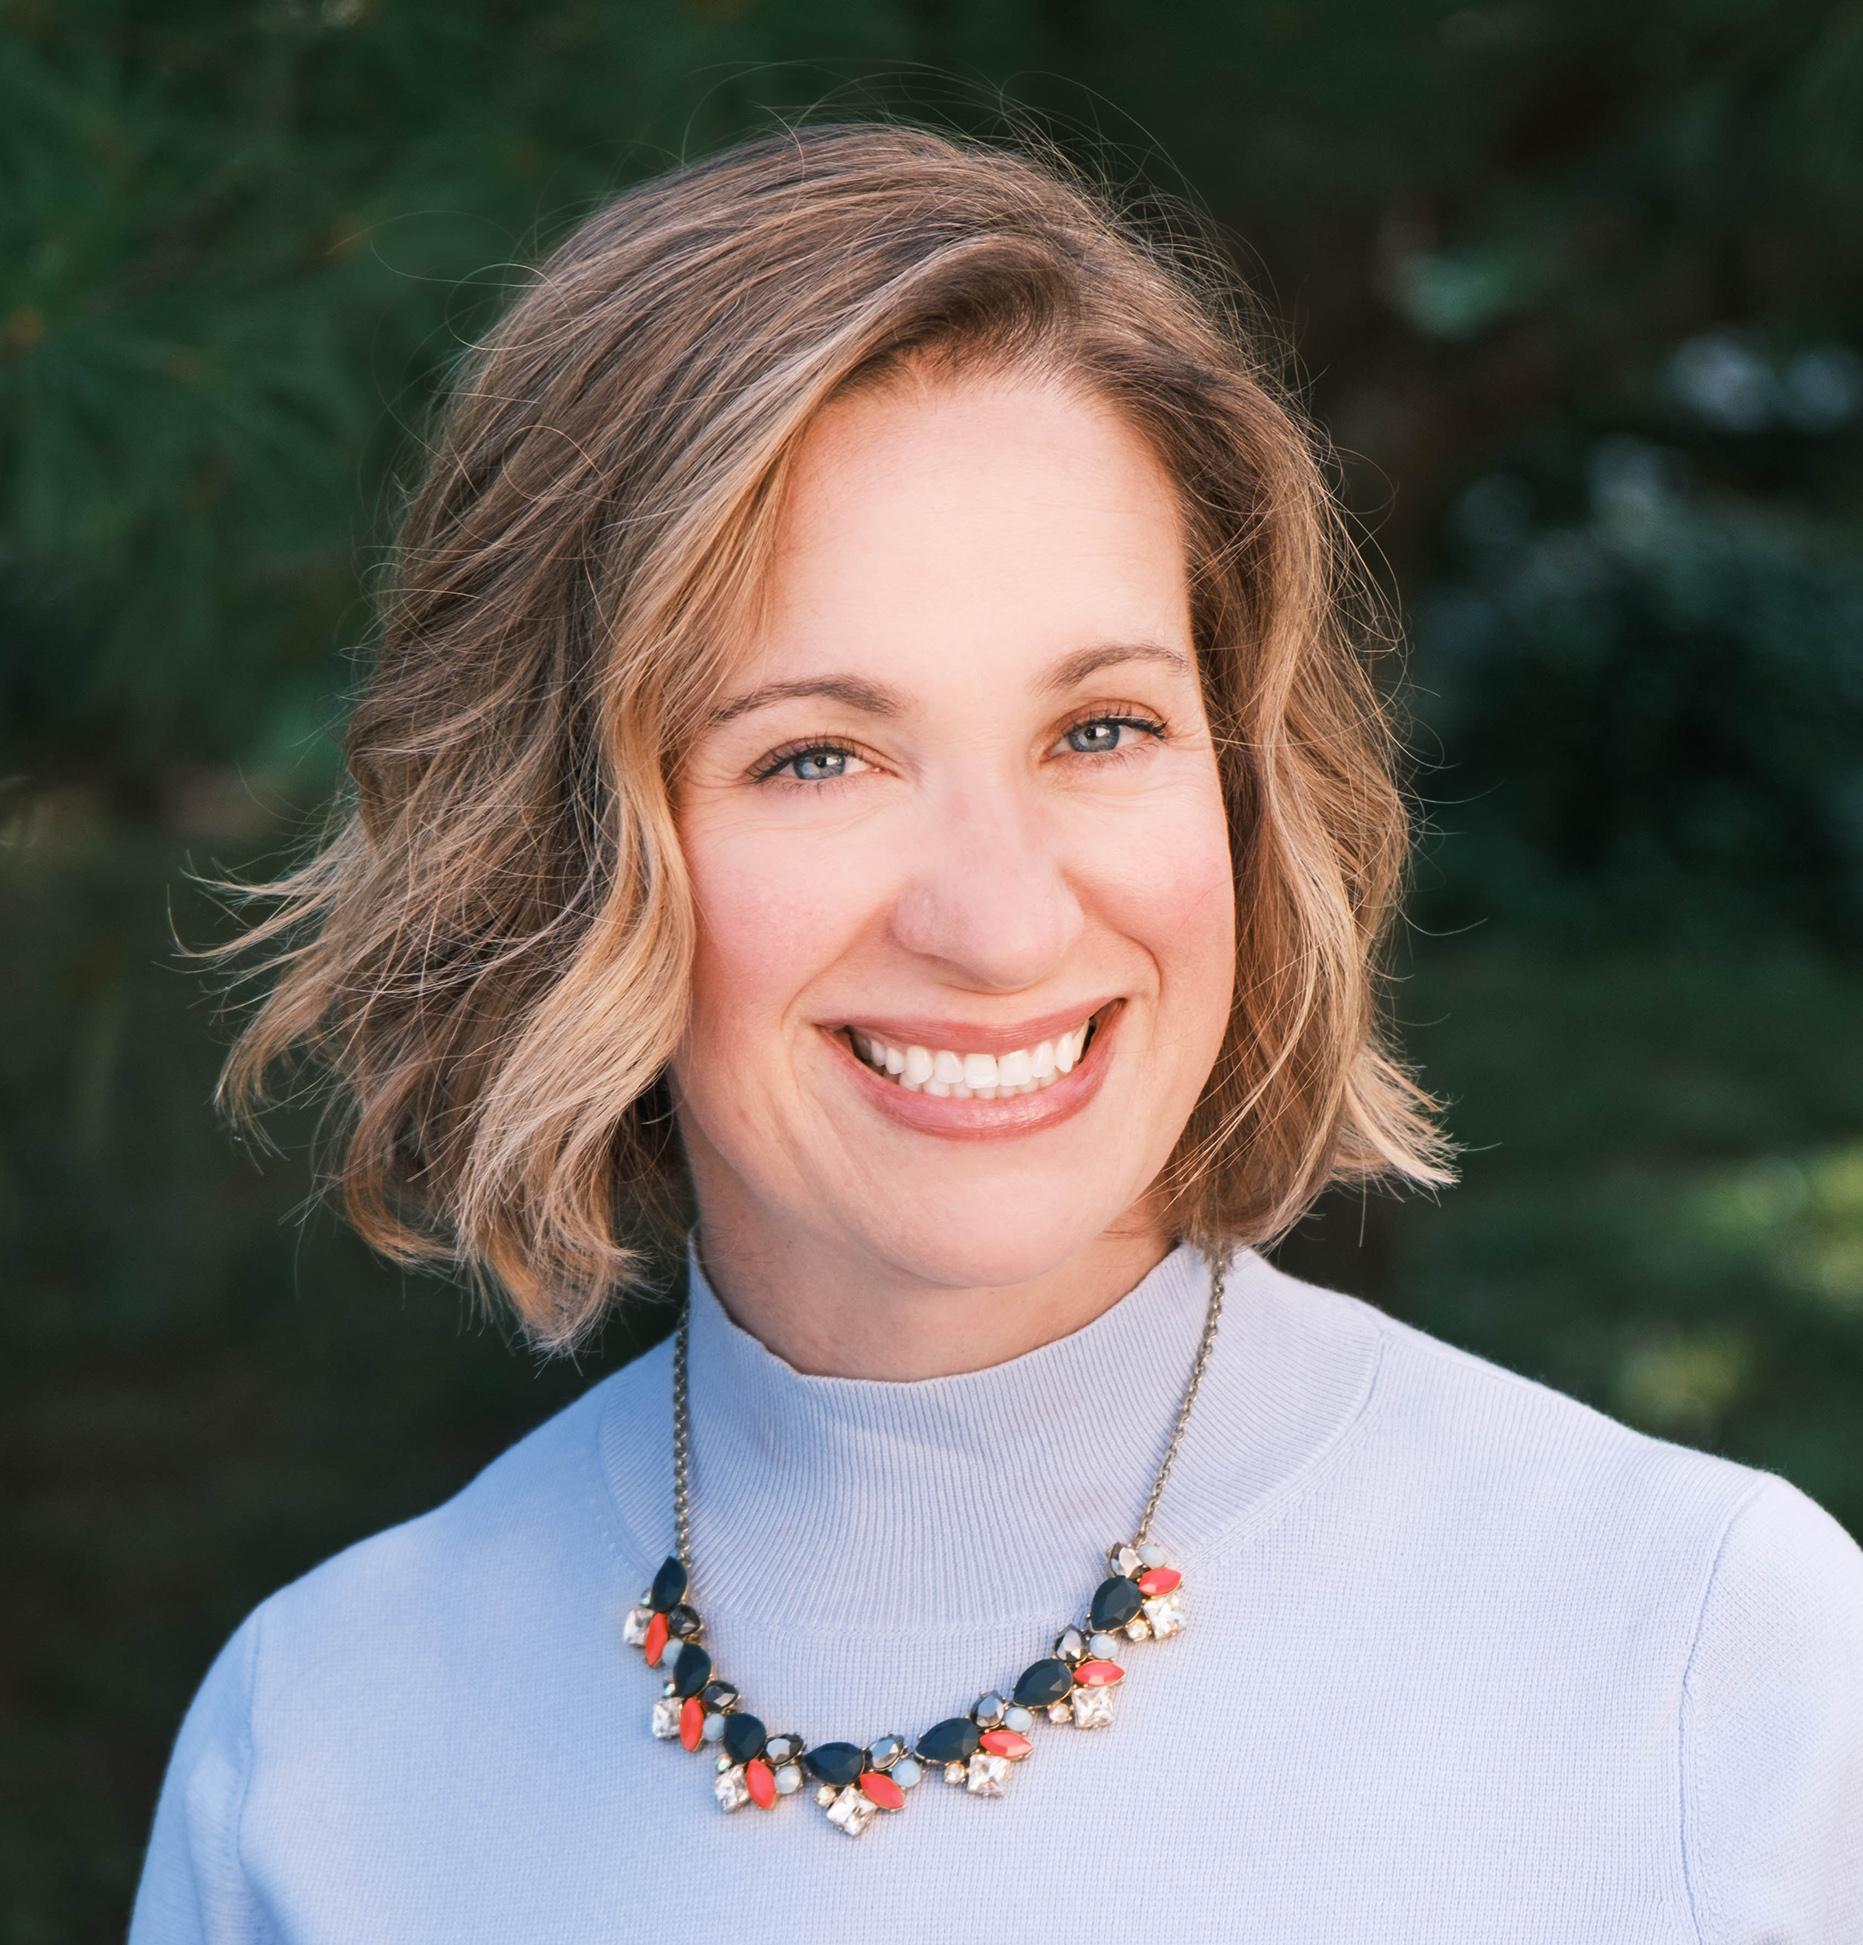 Sarah Blumberg, Ed.D., BCBA-D